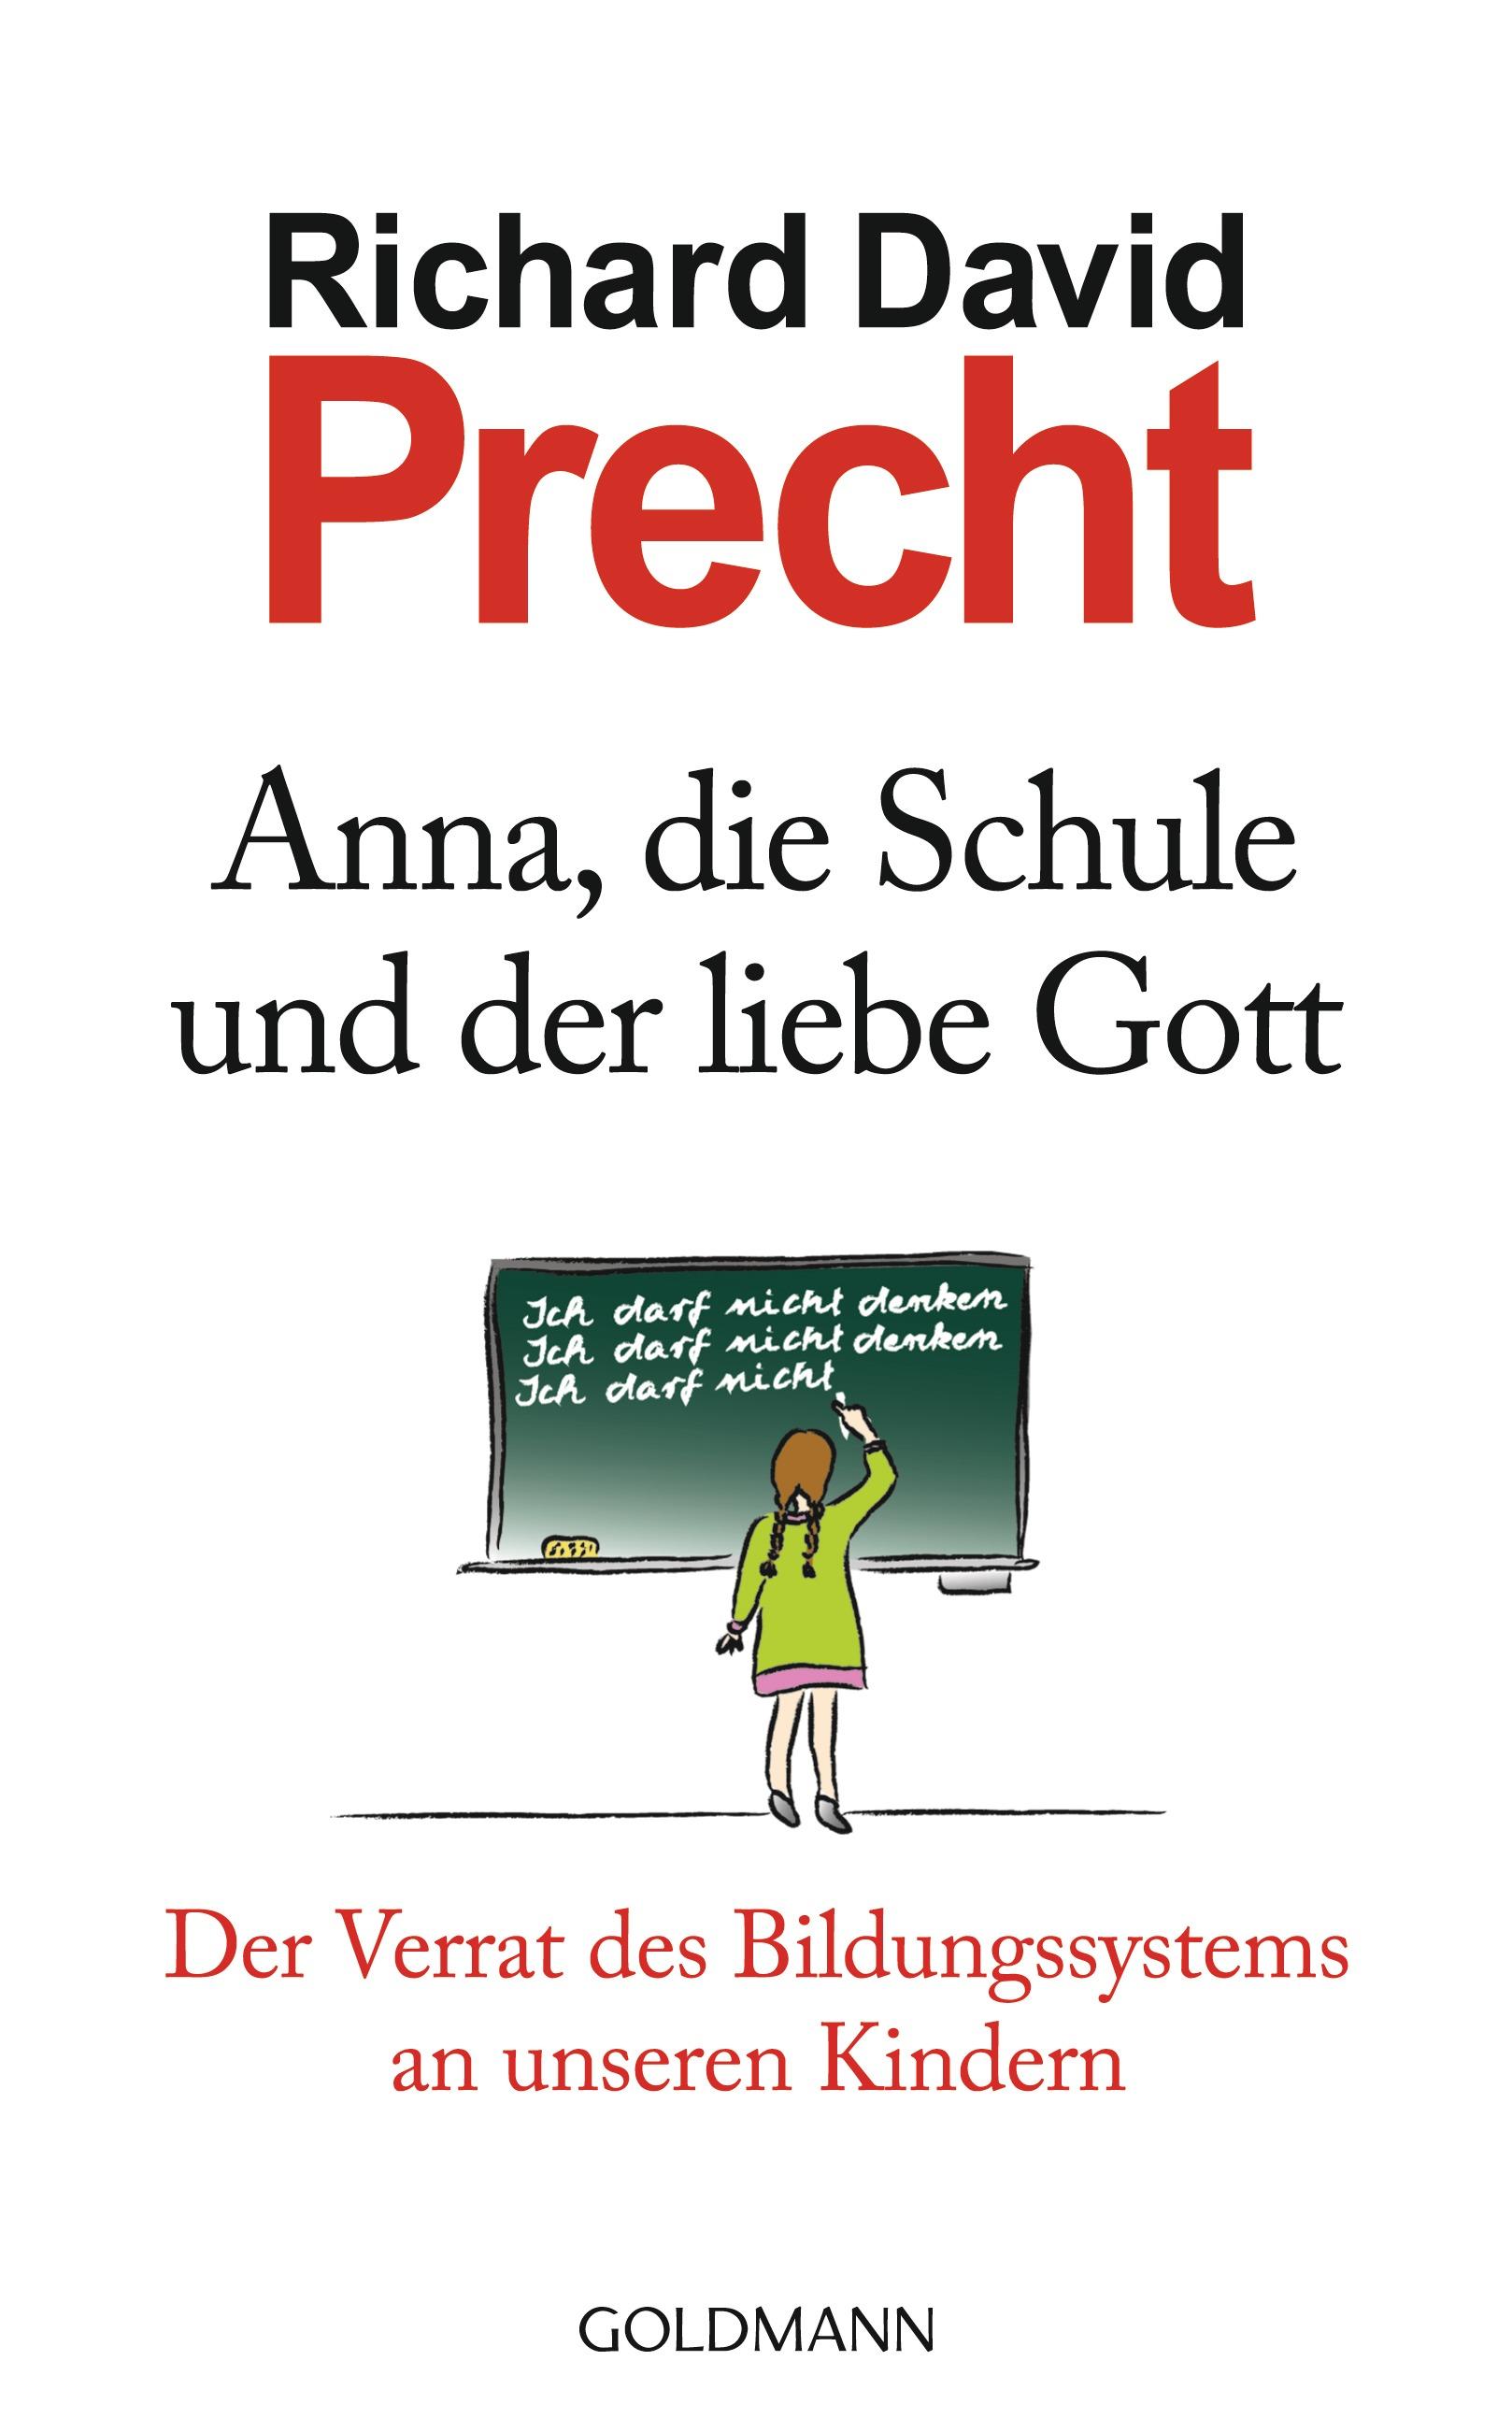 Anna, die Schule und der liebe Gott: Der Verrat des Bildungssystems an unseren Kindern - Precht, Richard David